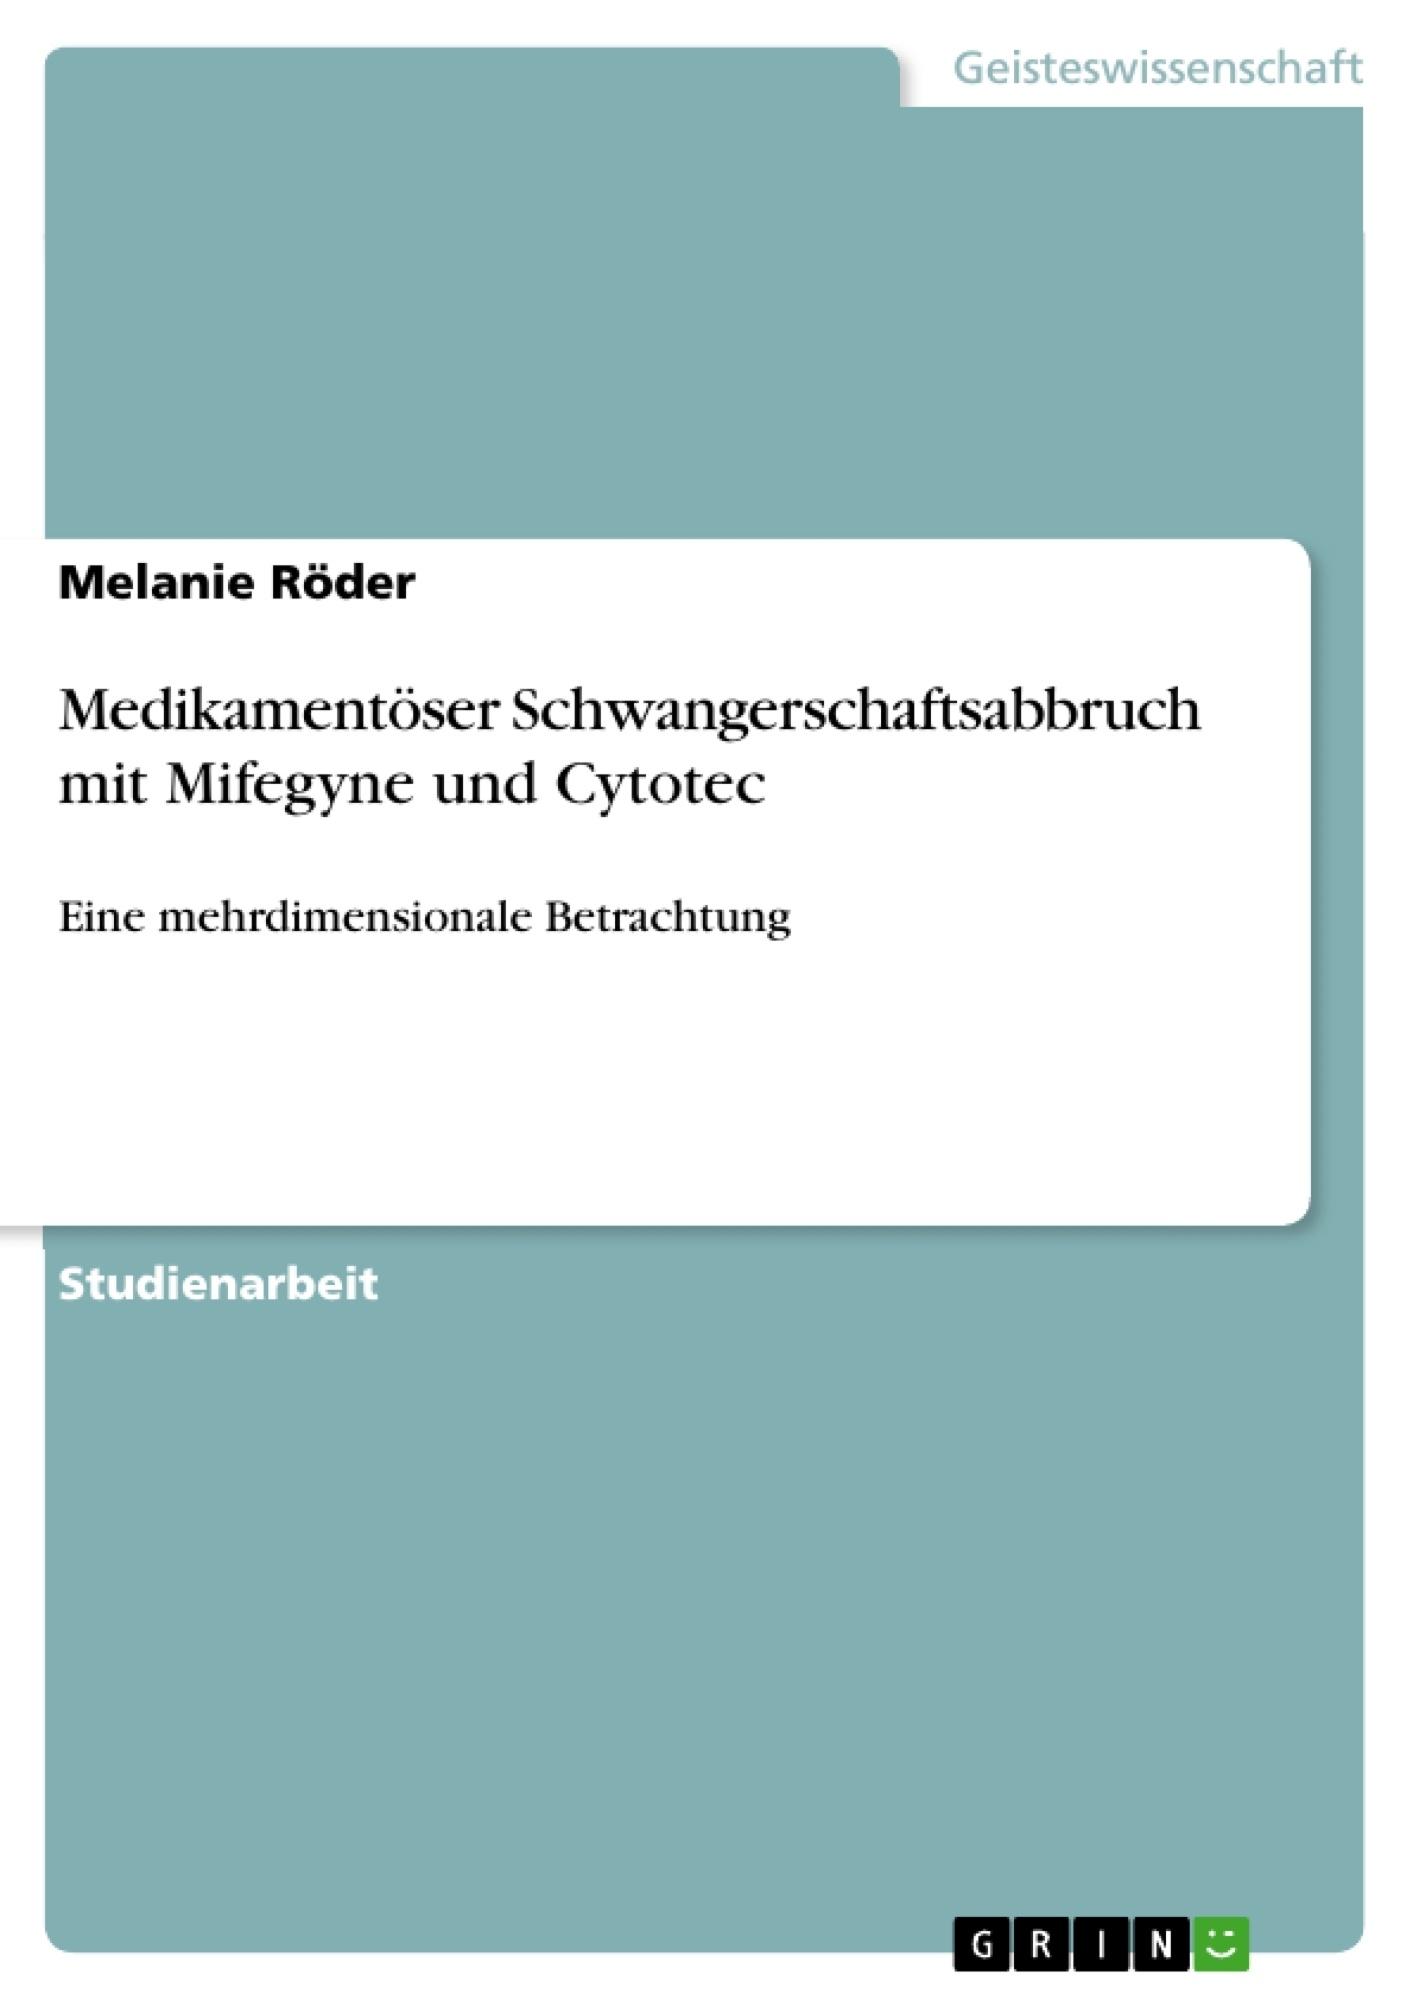 Titel: Medikamentöser Schwangerschaftsabbruch mit Mifegyne und Cytotec